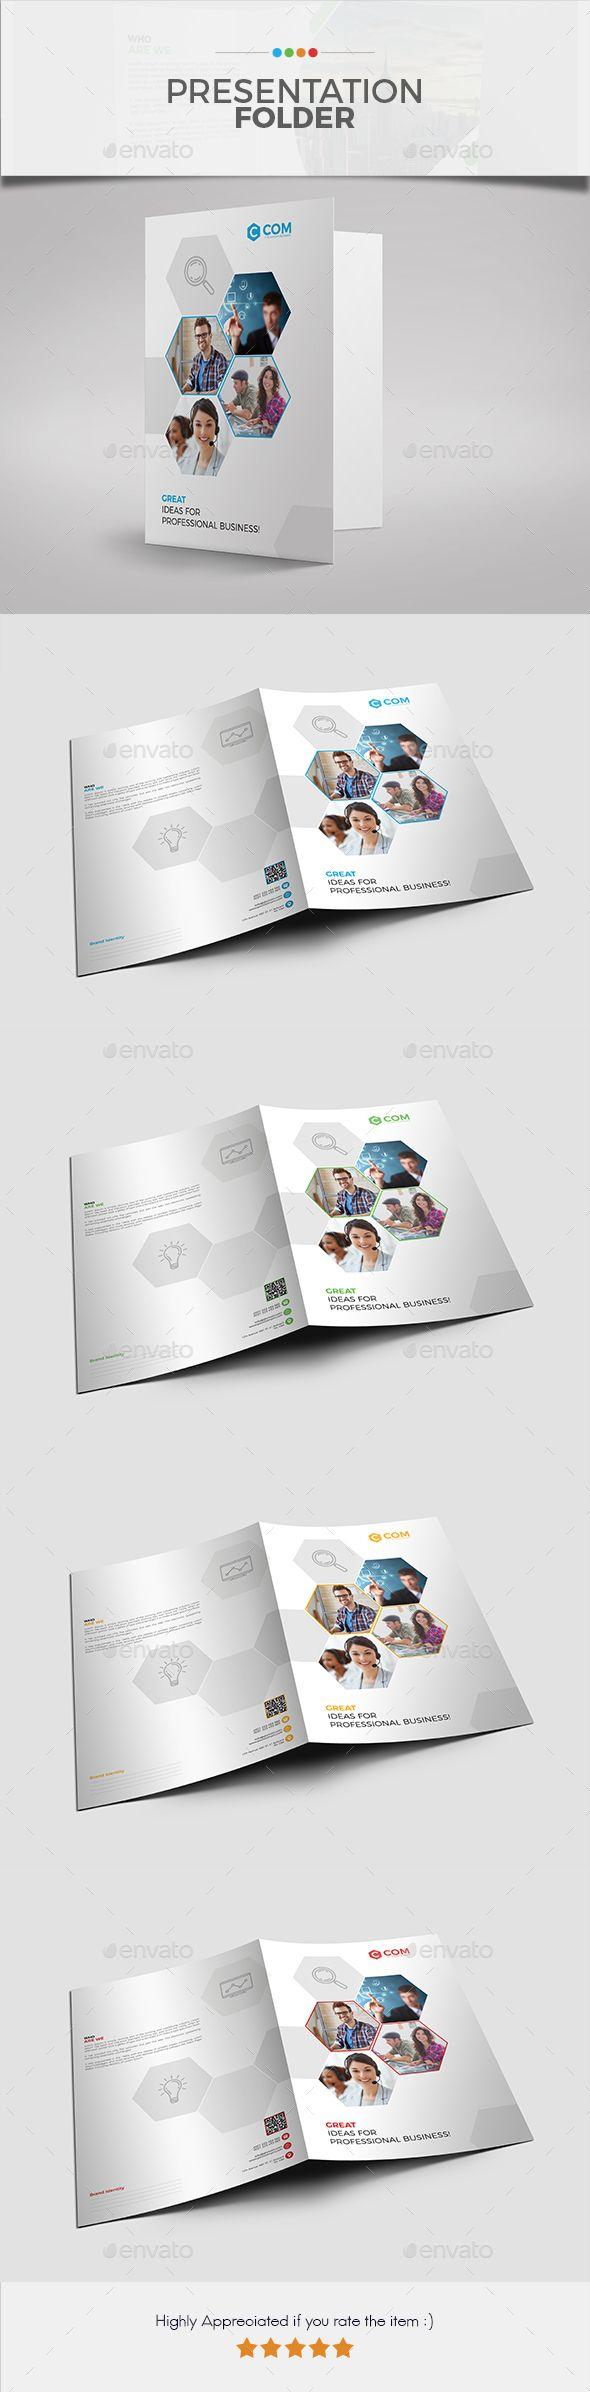 The Best Presentation Folders Images On Pinterest Presentation - Fresh presentation folder template psd design